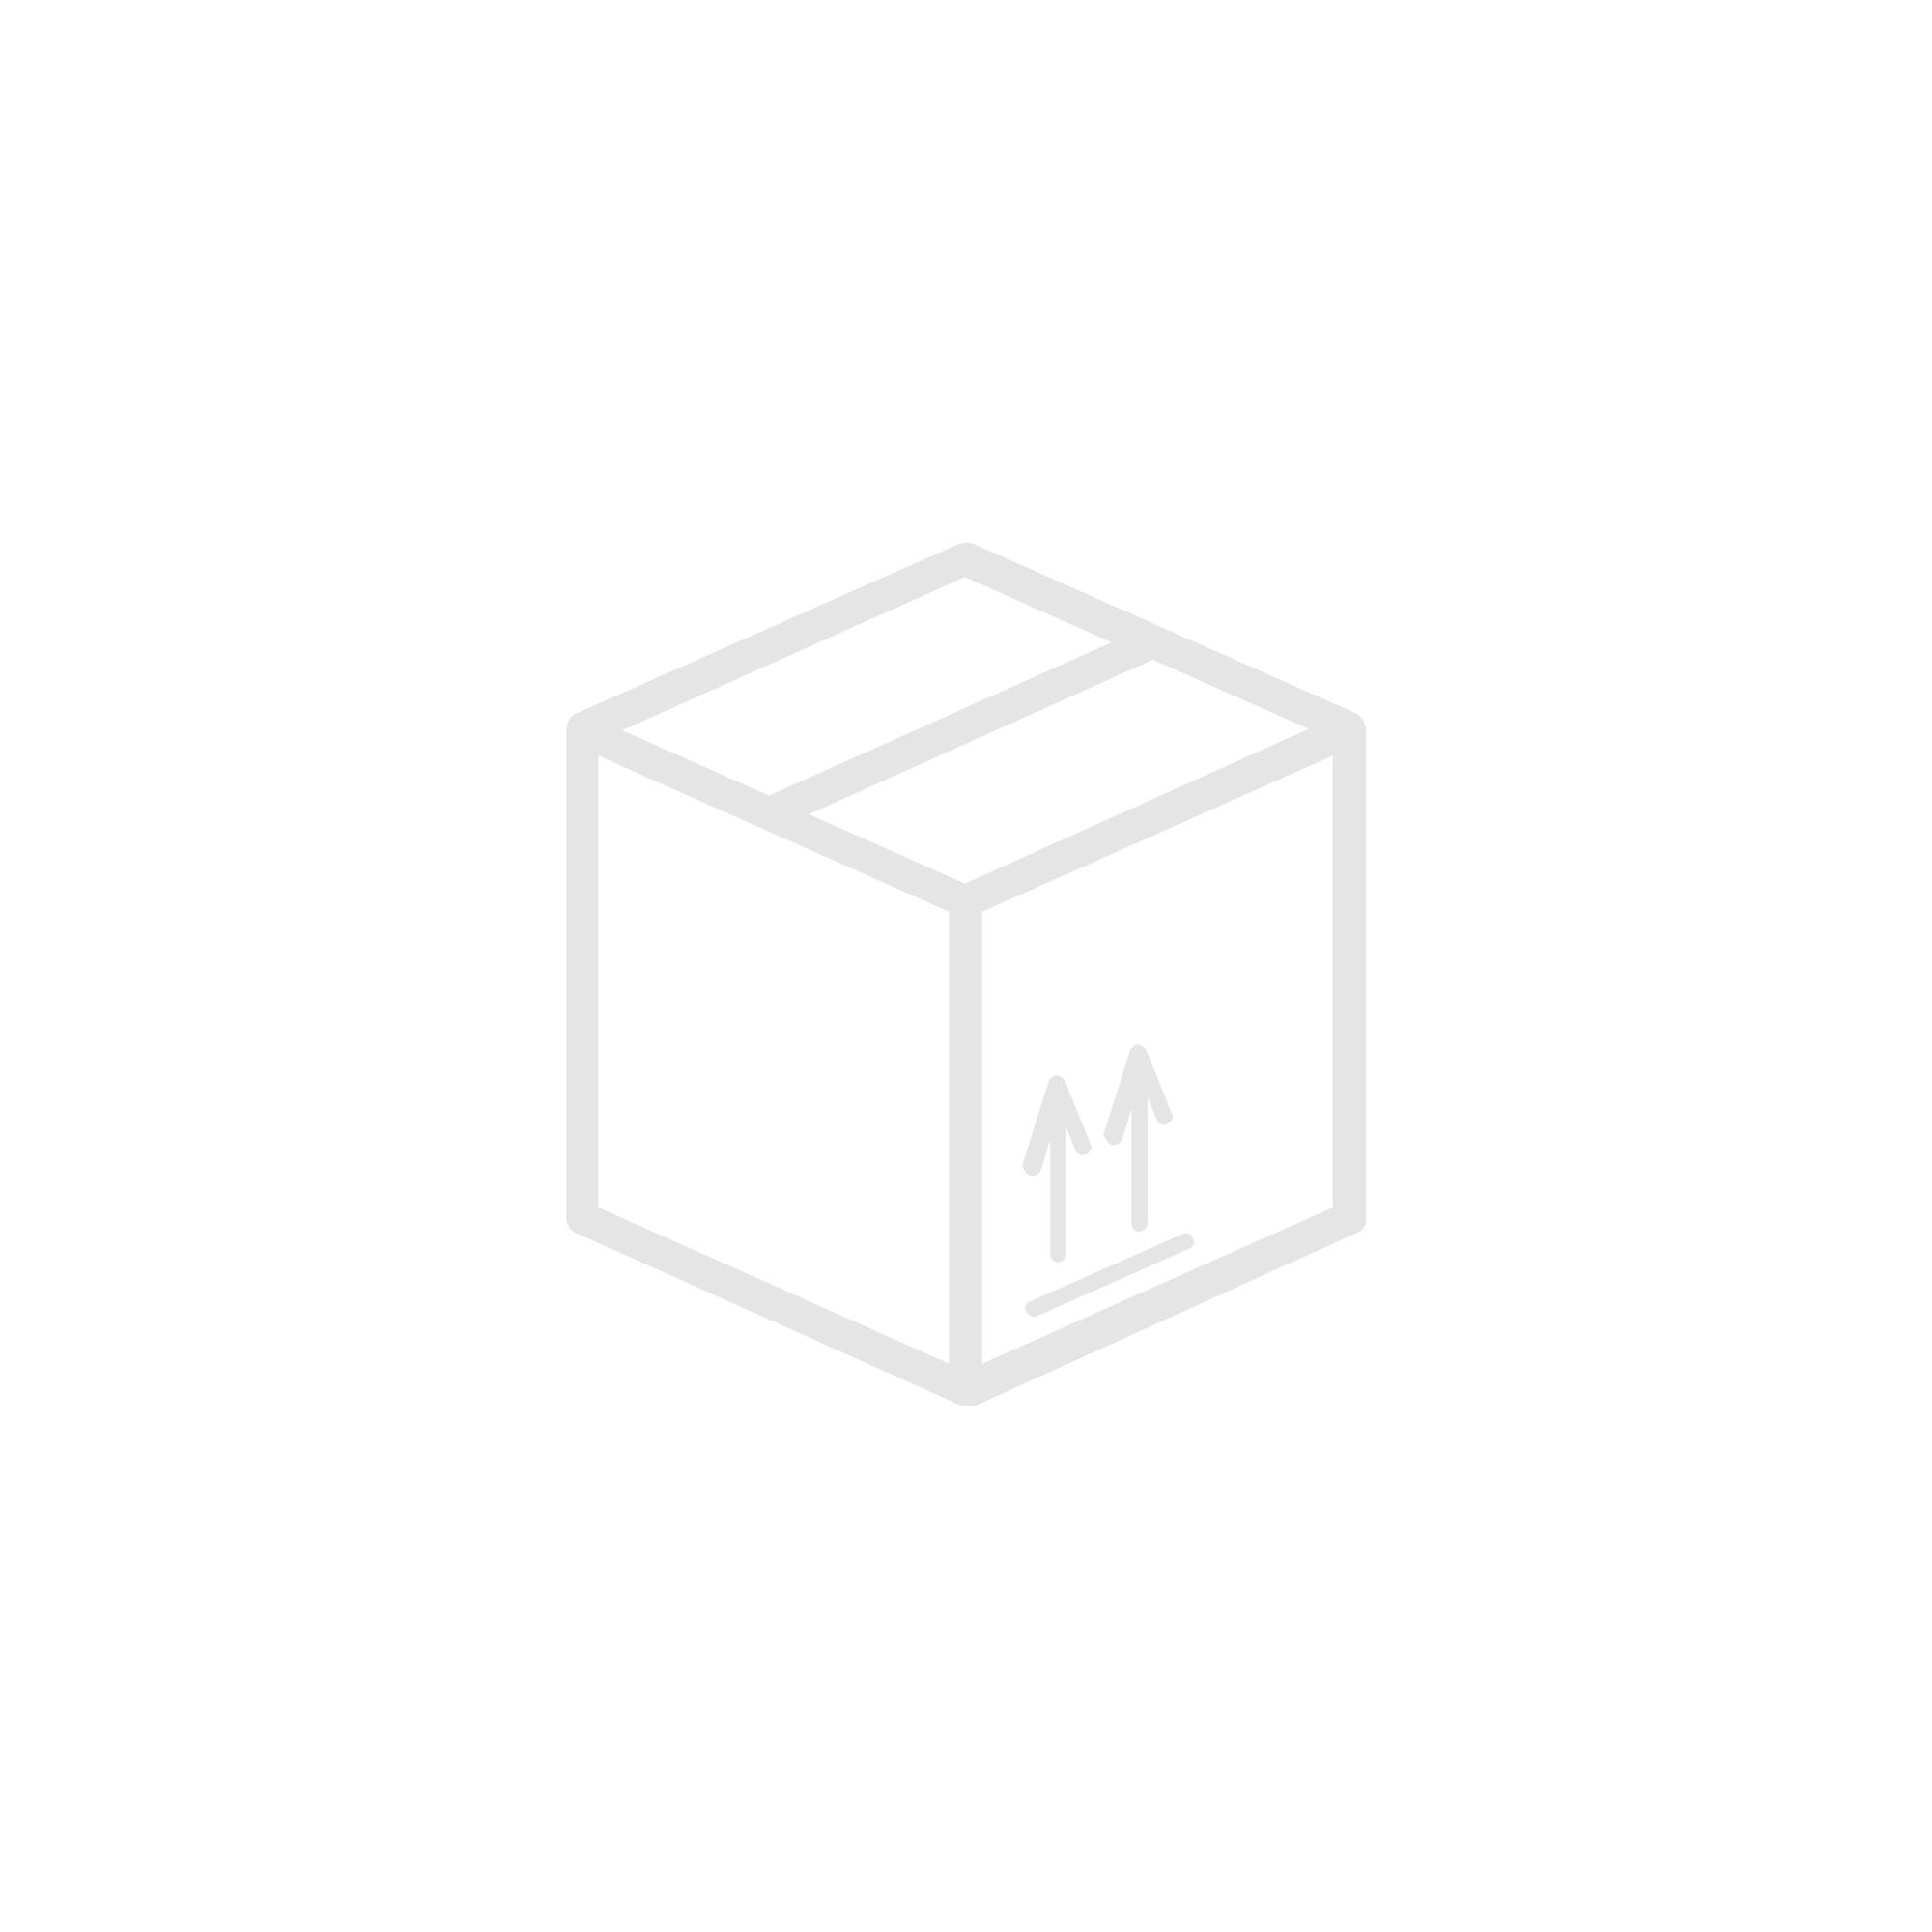 MODUS Svítidlo 2x LED 840 LLL4000, 1210mm, matná mřížka, přisazené, NONSELV 350mA. evropské komponenty